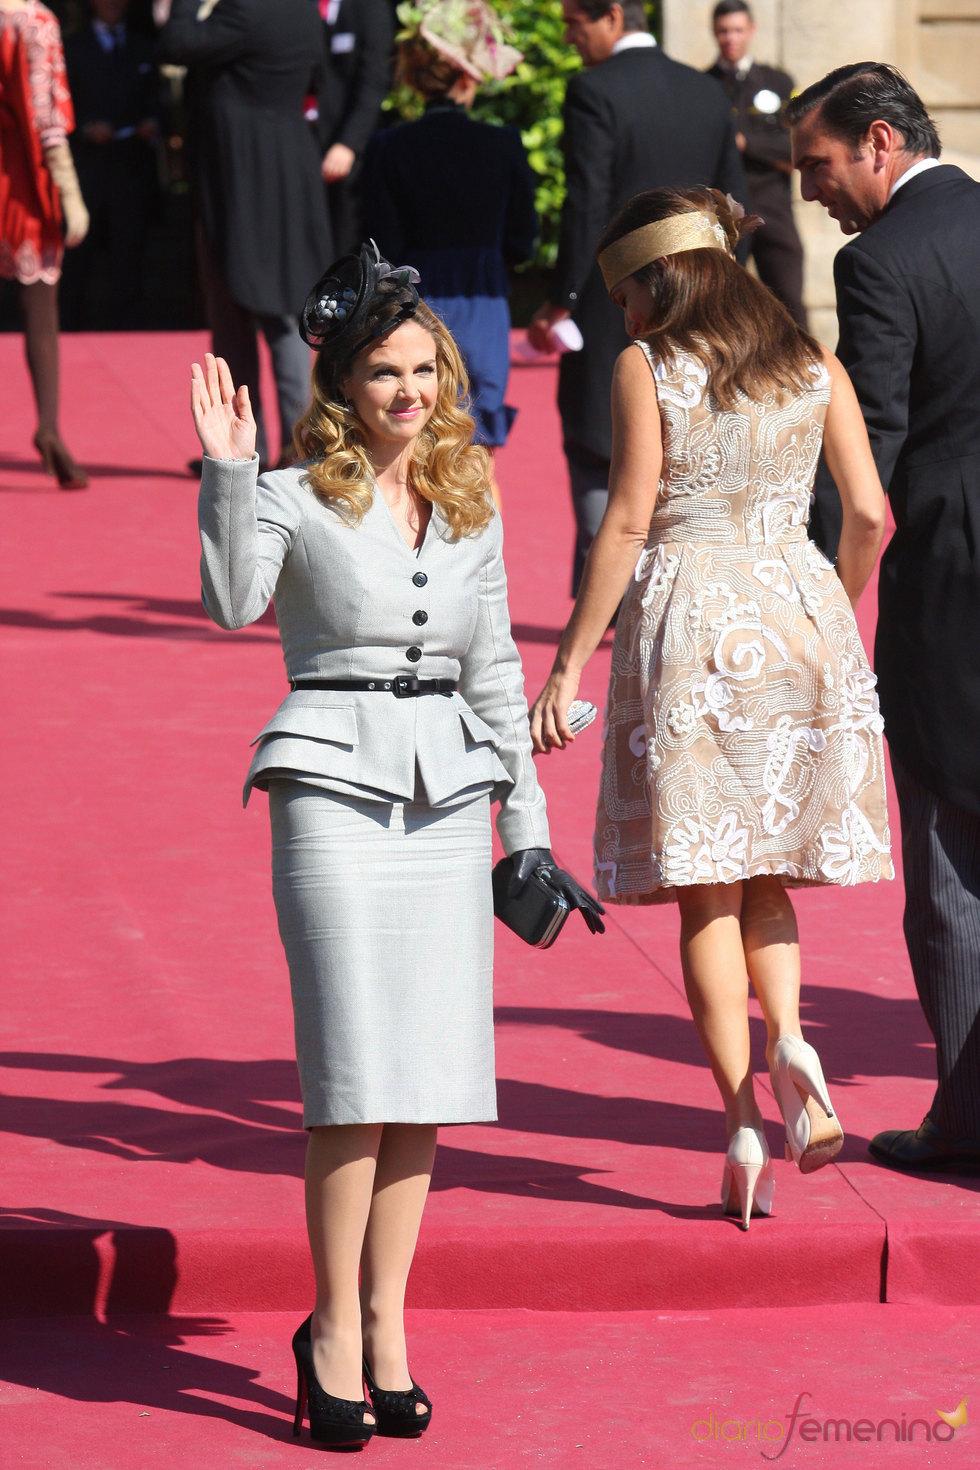 Genoveva Casanova en la boda de Rafael Medina y Laura Vecino